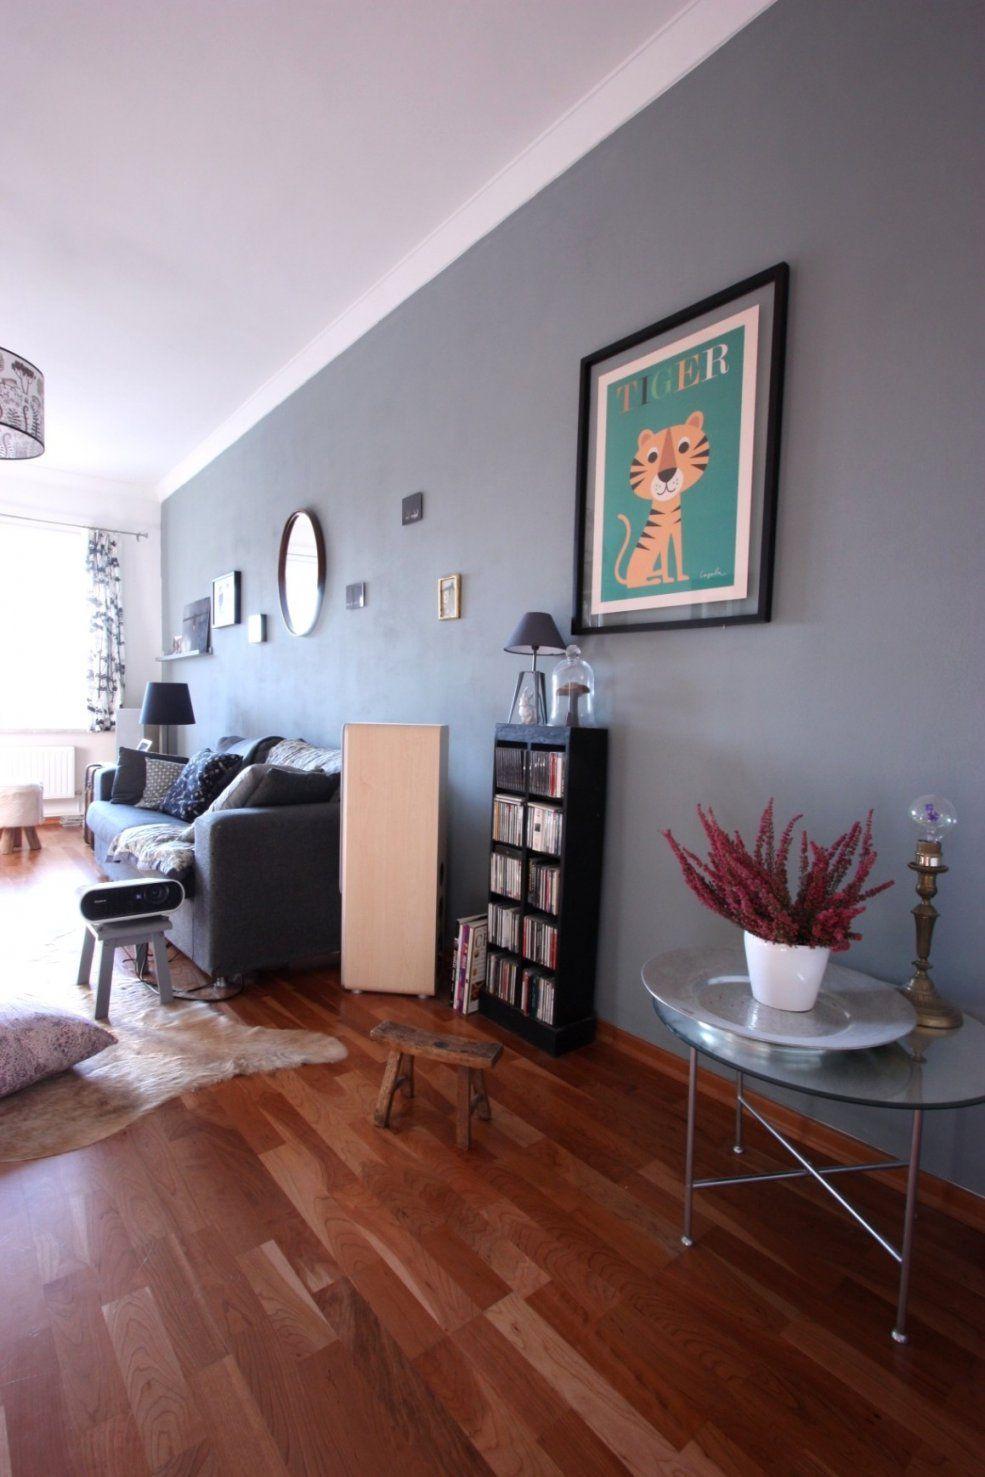 ideen zum streichen permalink to wunderschn de bilder von streichen ideen streich ideen unique. Black Bedroom Furniture Sets. Home Design Ideas